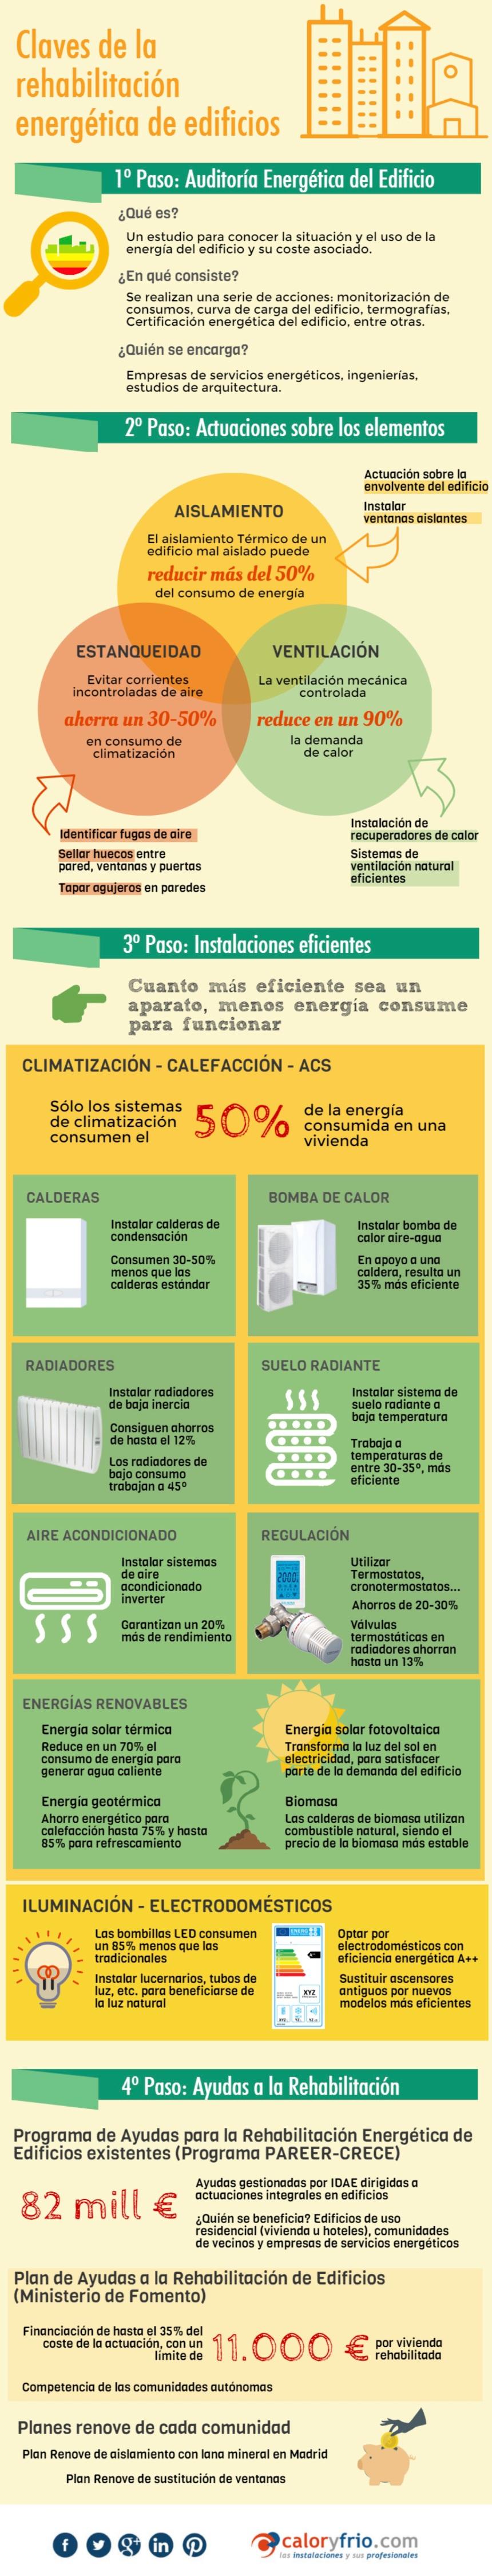 Claves de la rehabilitación energética de edificios